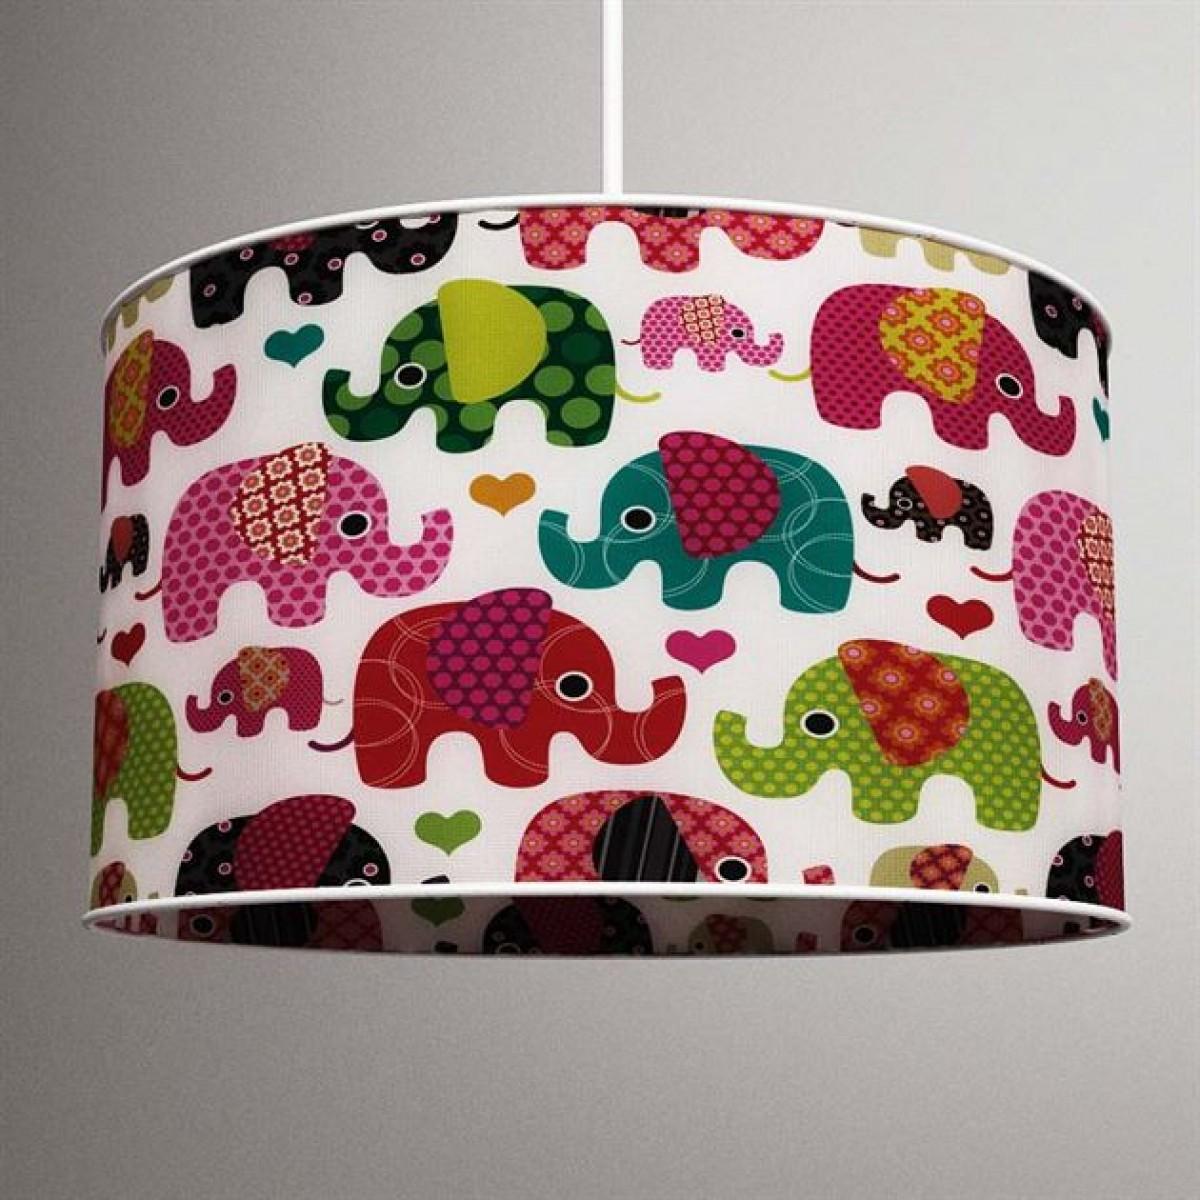 Renkli Filler Erkek Çocuk Odası Baskılı Avize